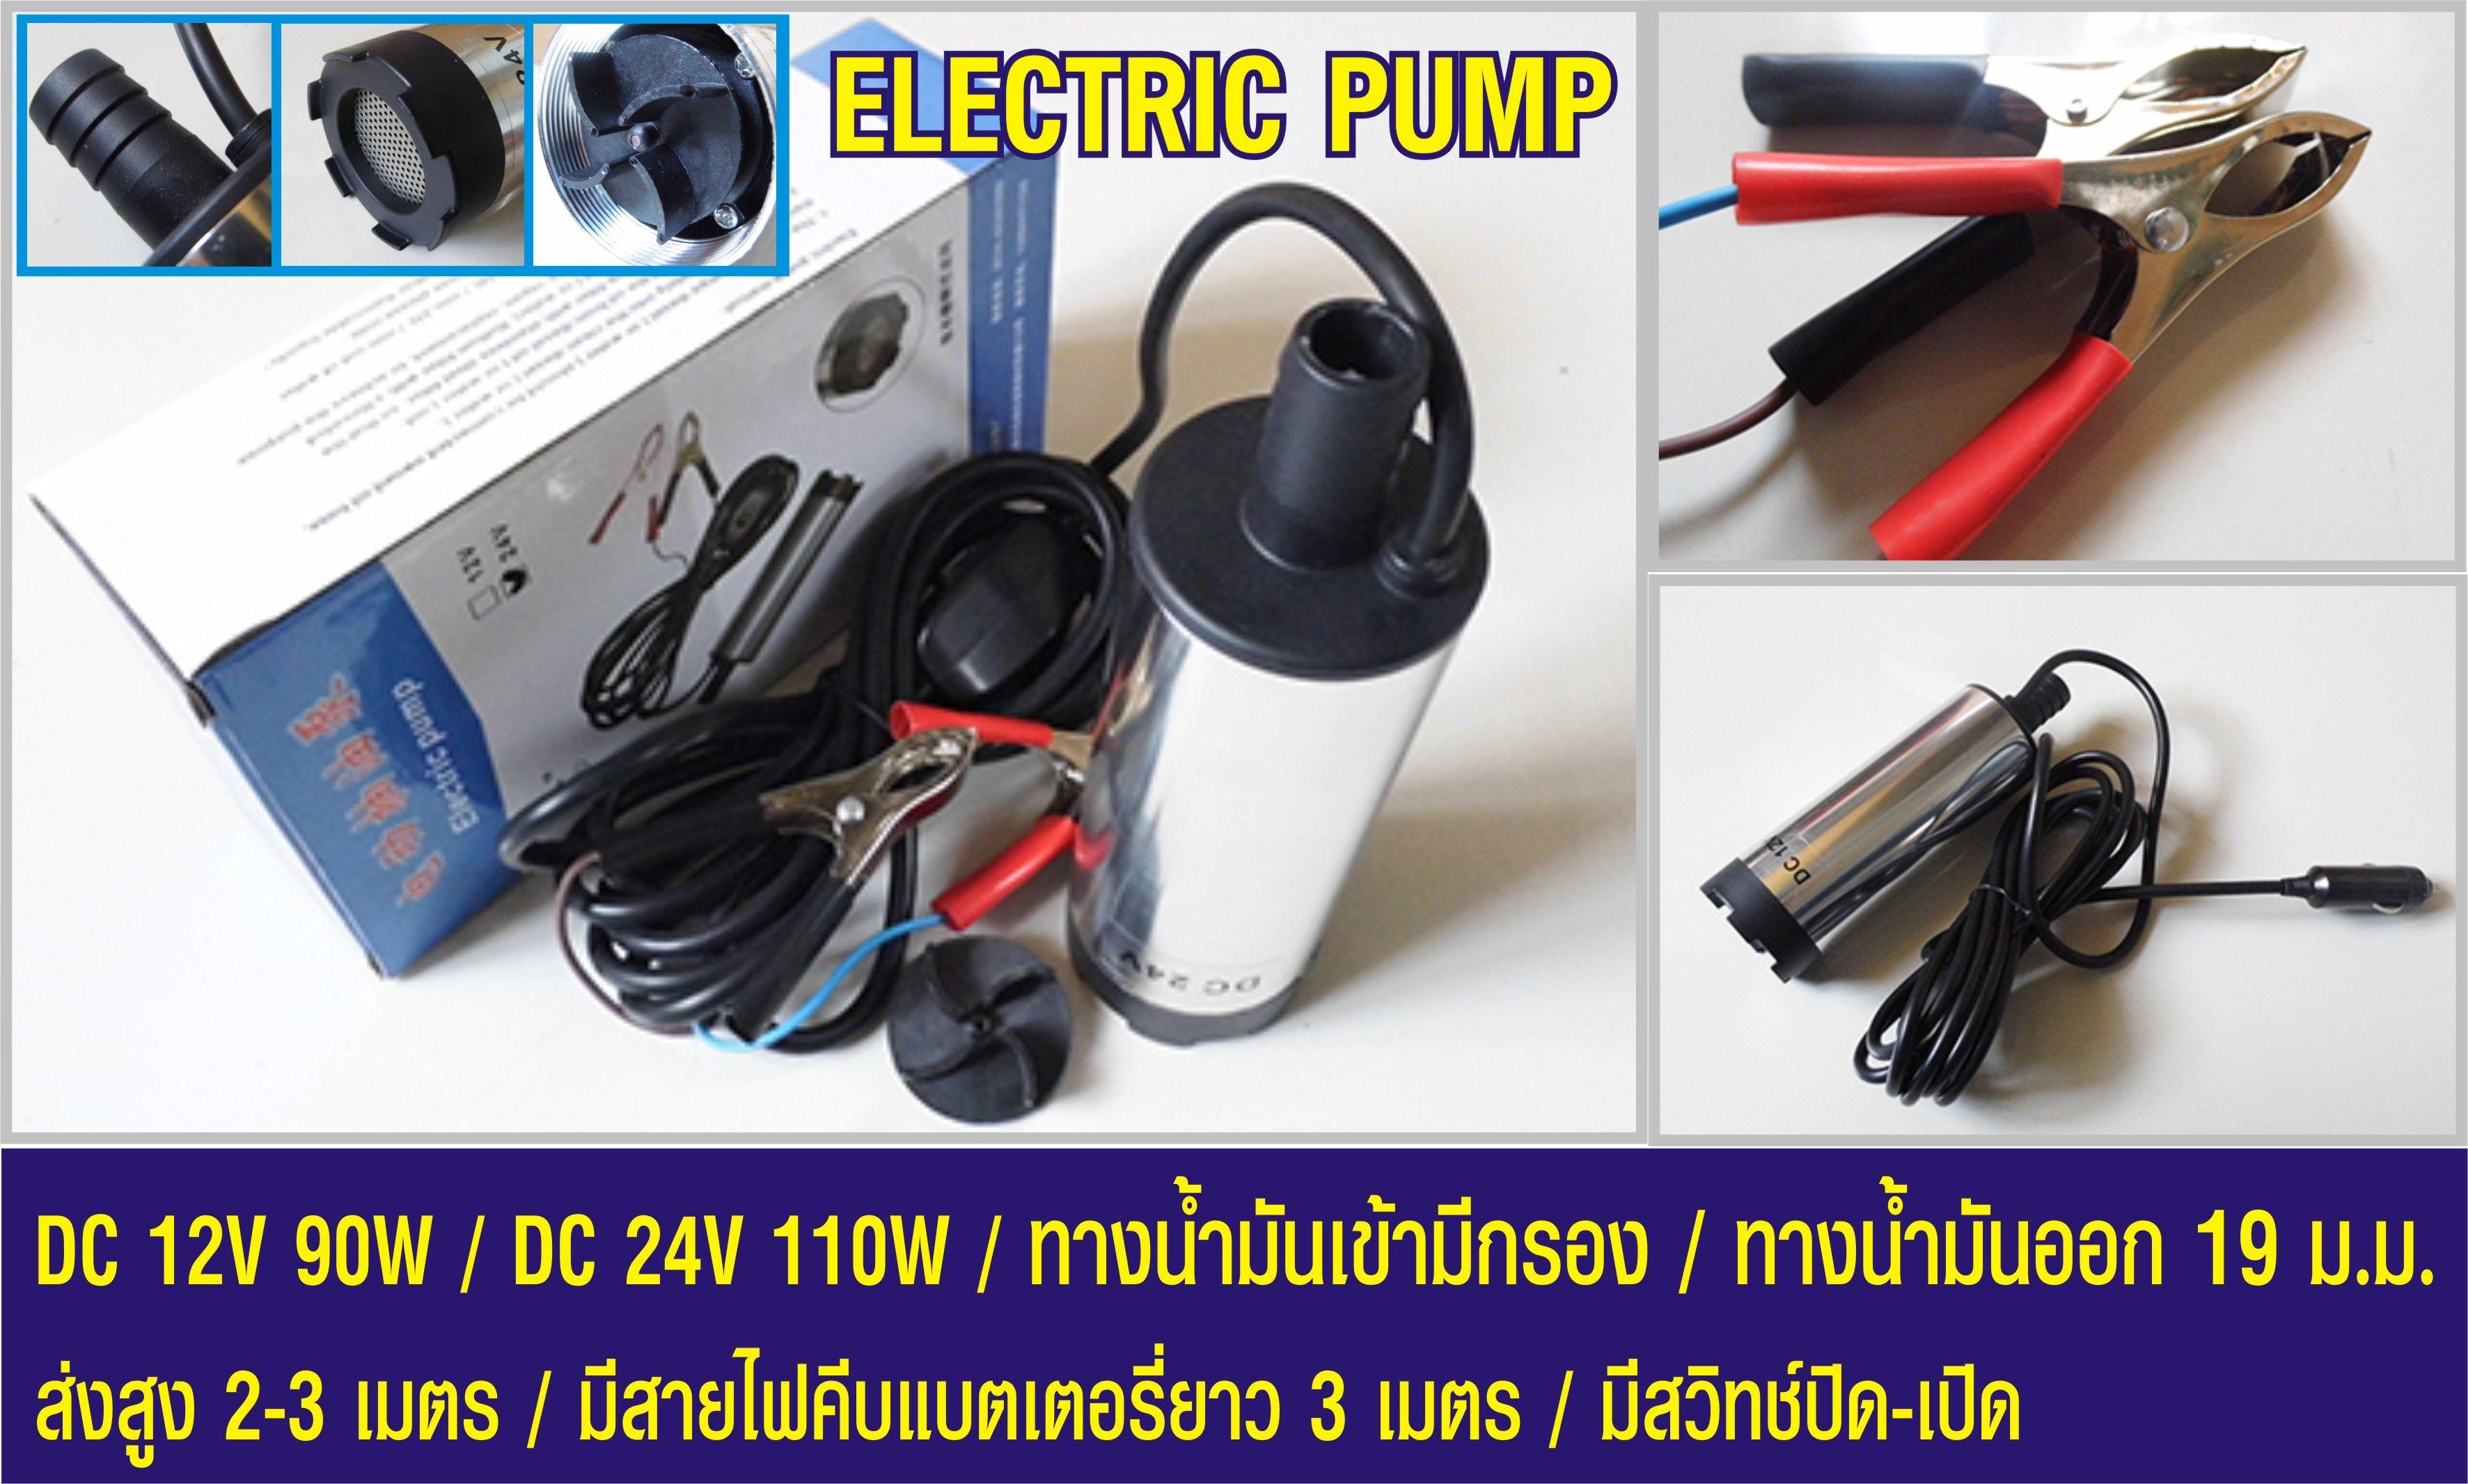 ปั๊มดูดน้ำมัน 12V ( Electric pump )